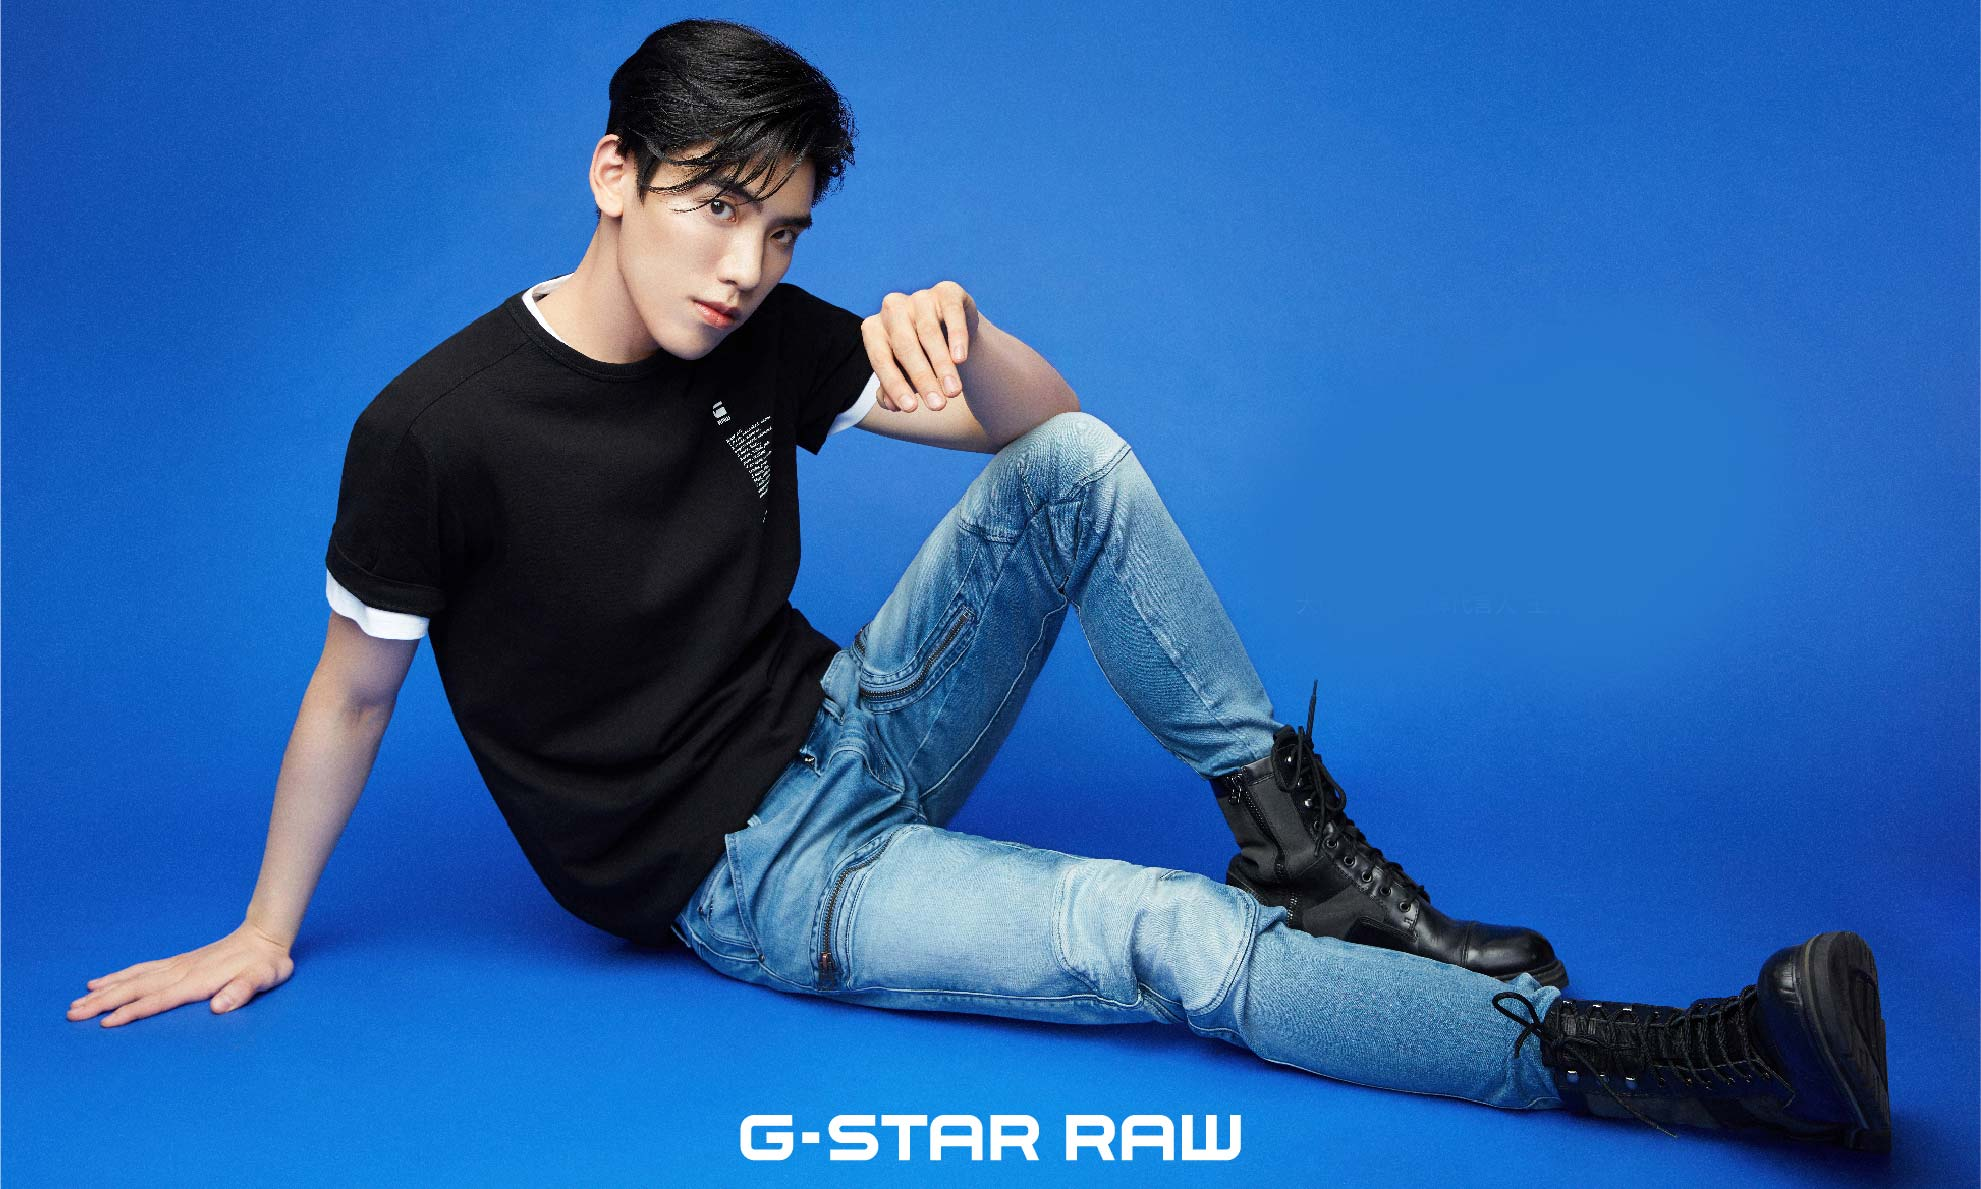 王子异 x G-Star RAW 释放「天生我蓝」夏日环保宣言